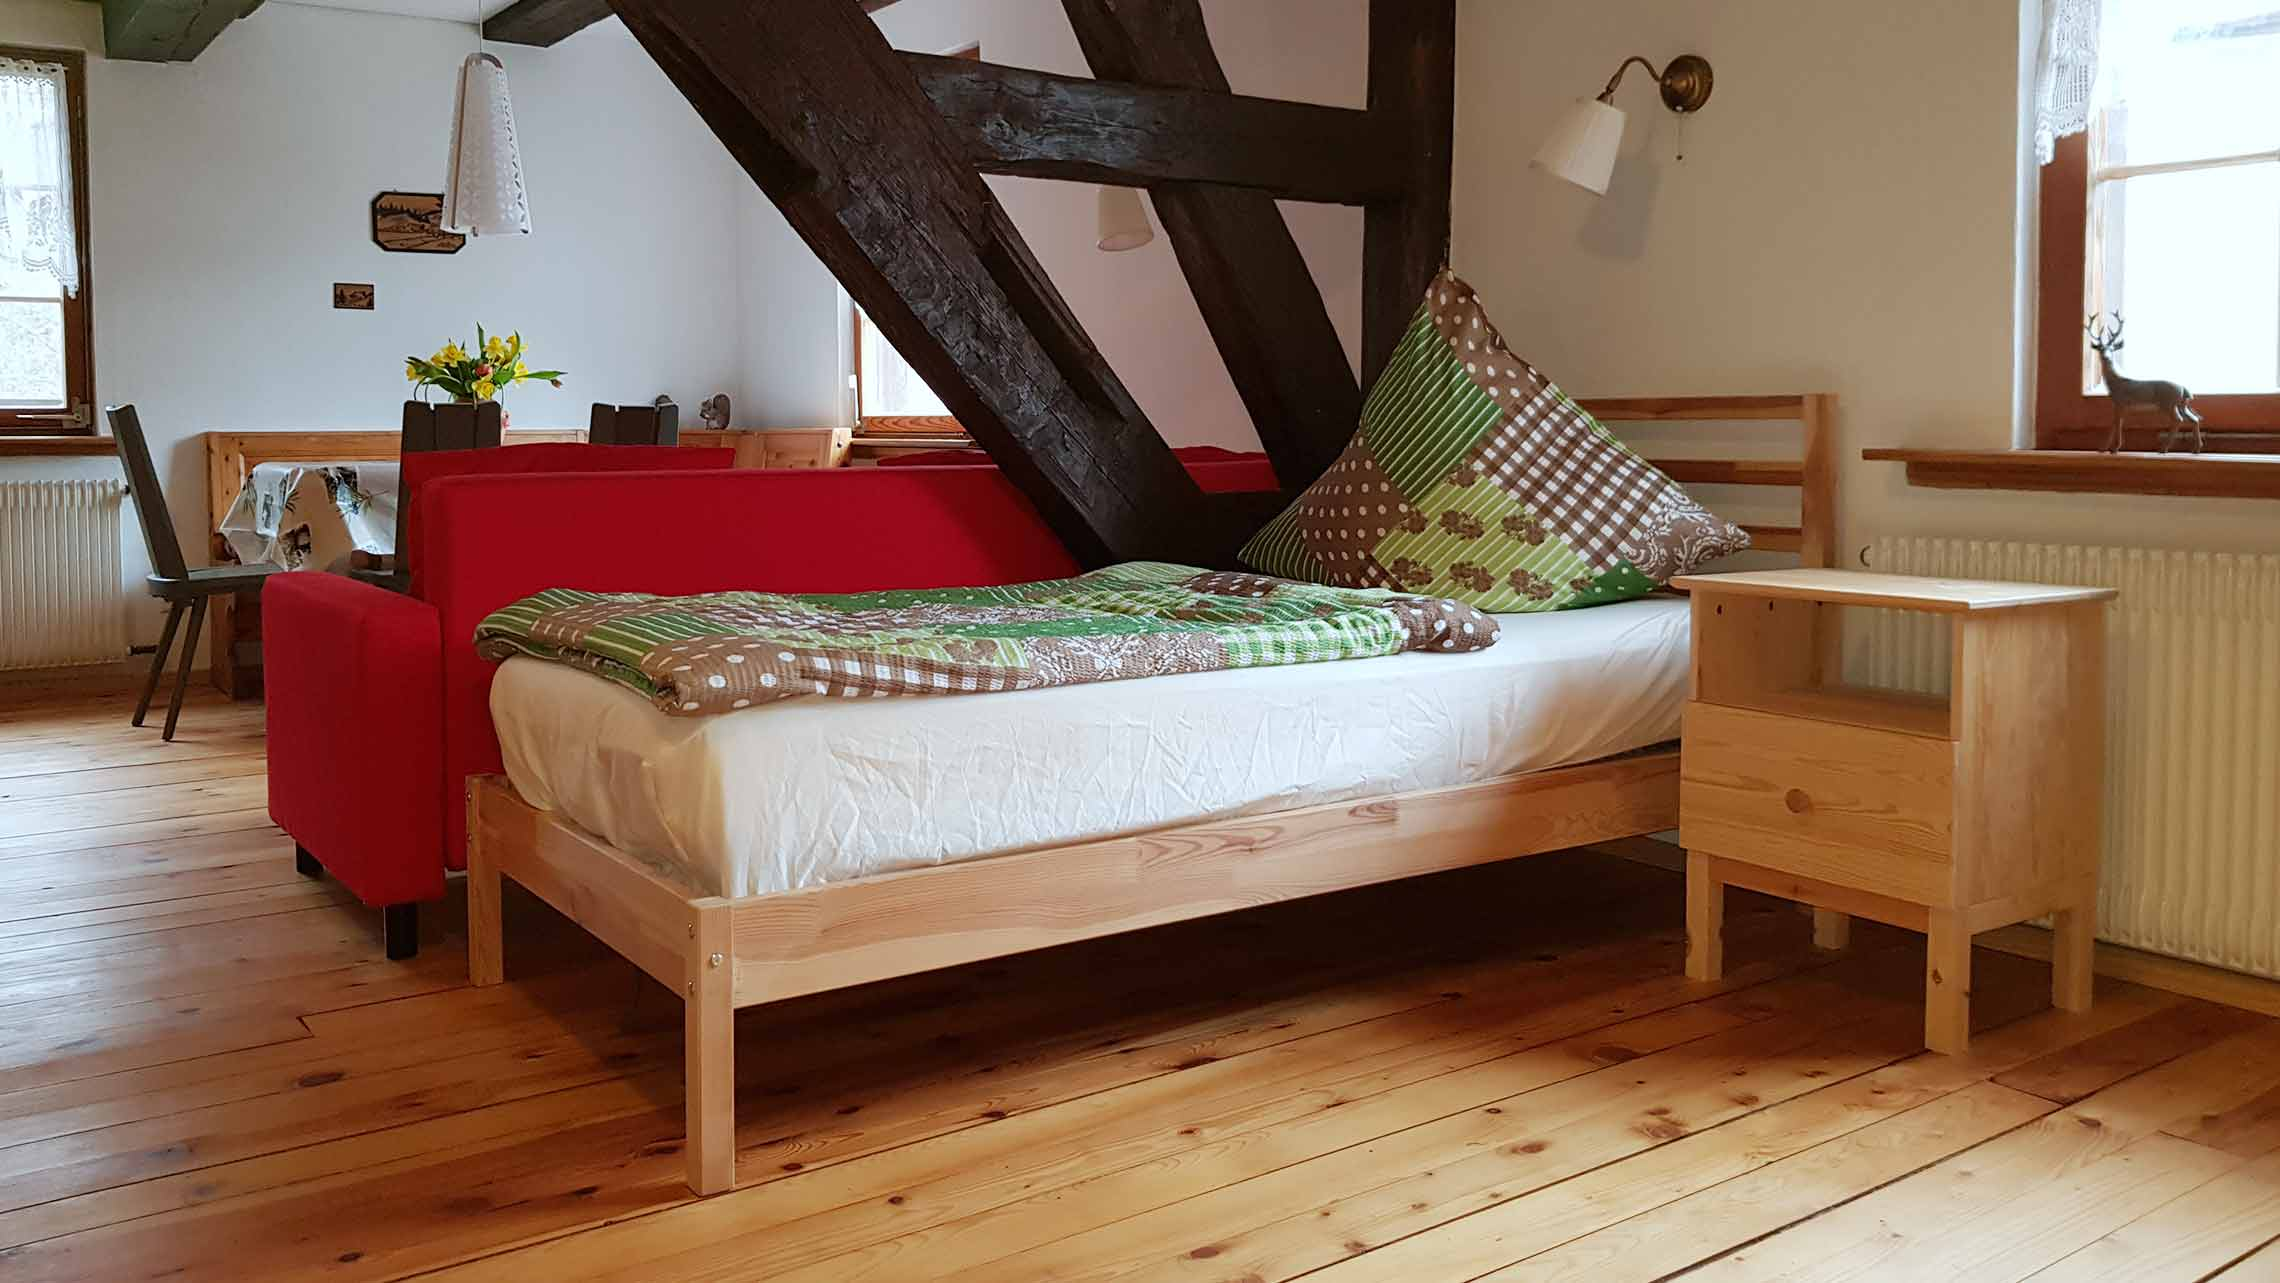 oelehof-akademie-ferienwohnung-laendliches-loft-schlafbereich2-d